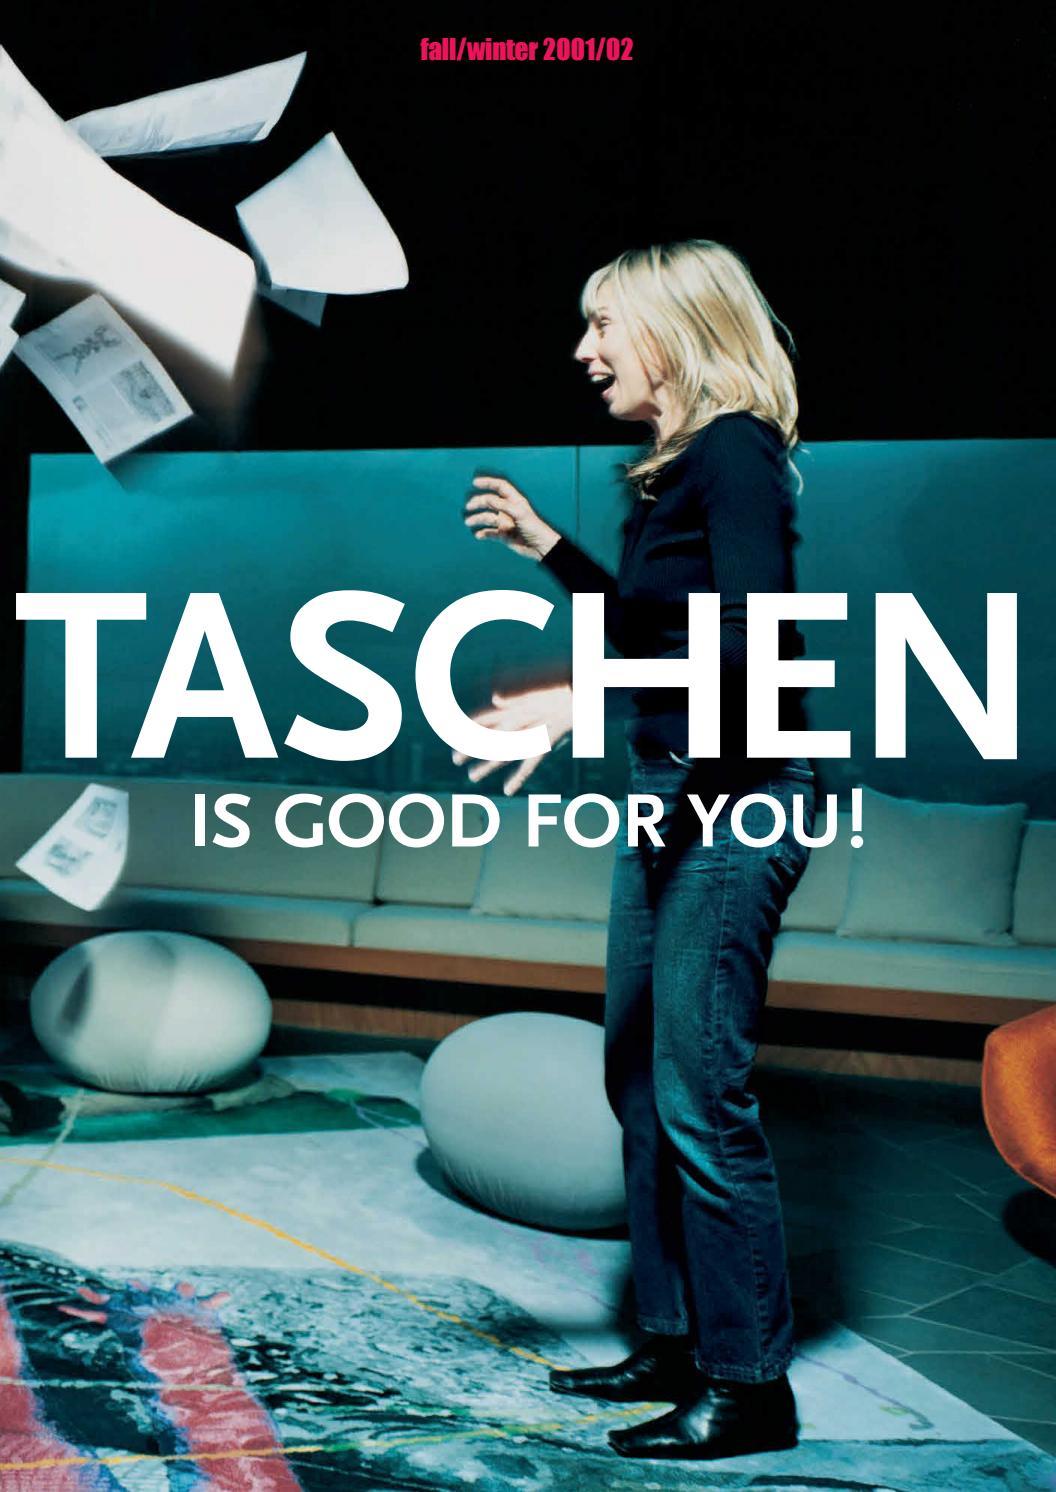 TASCHEN Magazine Fall/Winter 2001/02 by TASCHEN - issuu